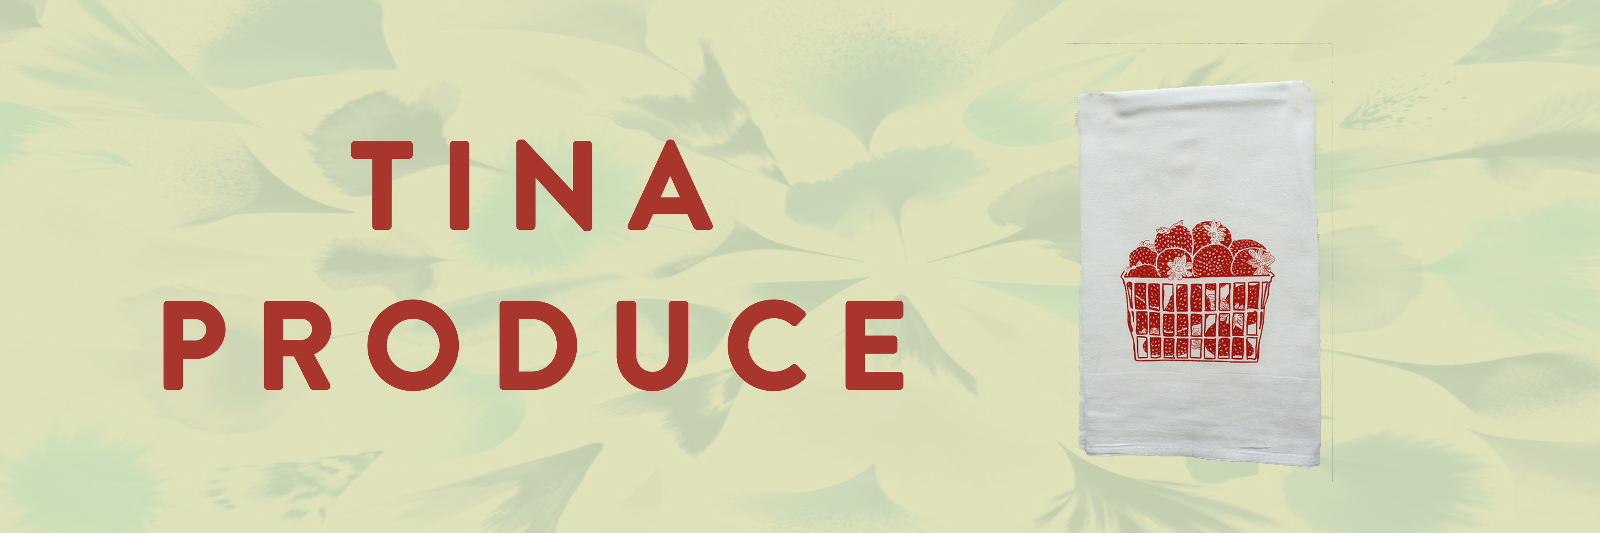 tina produce